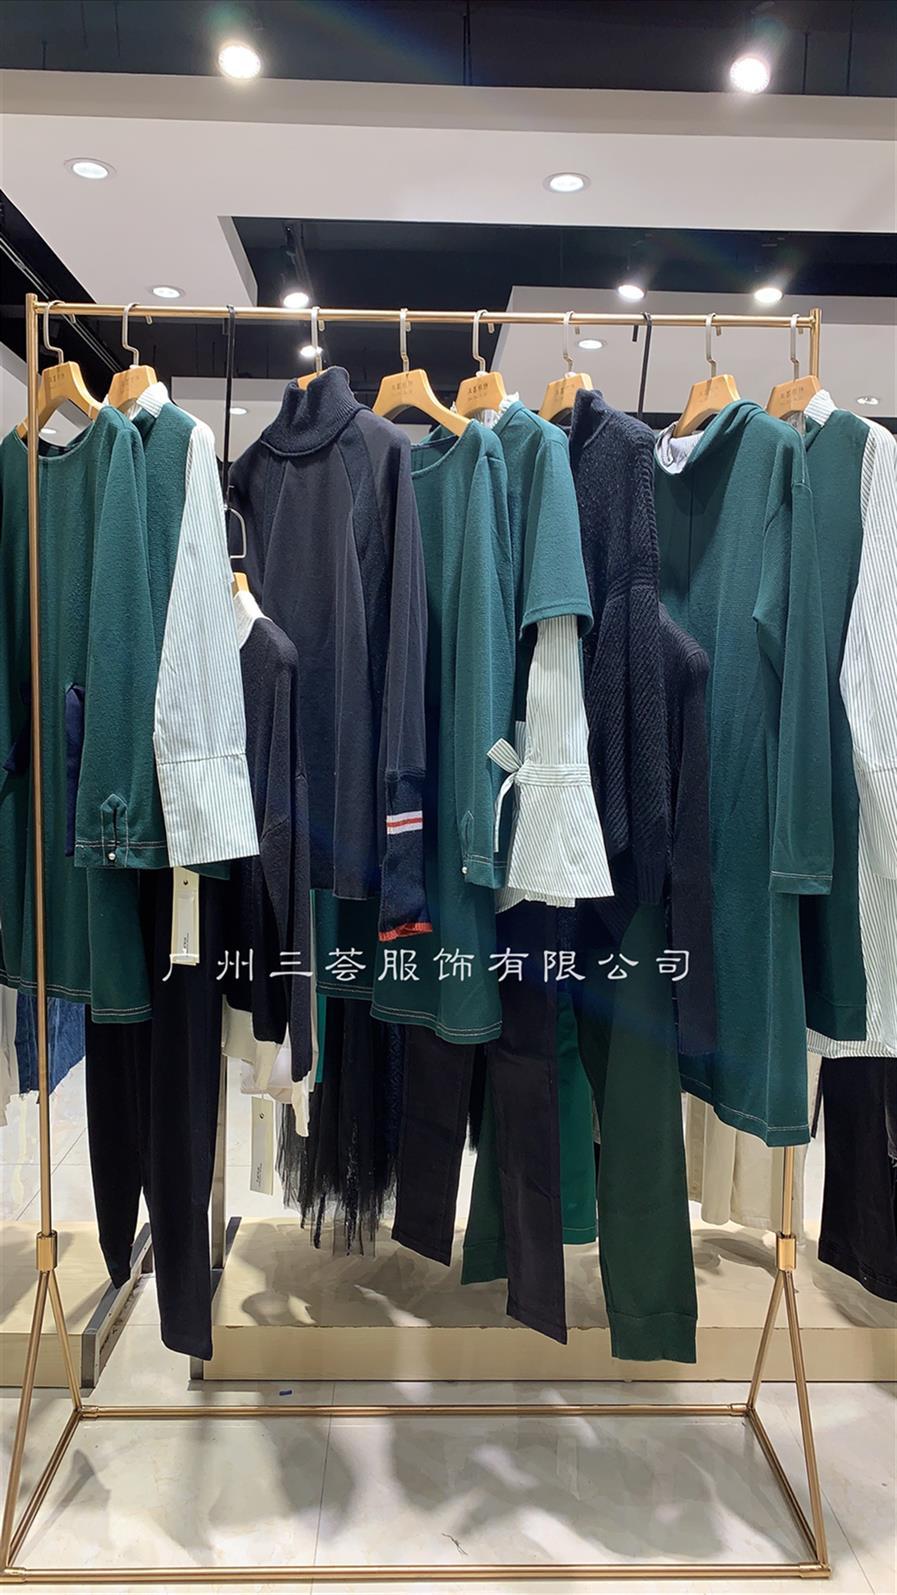 芜湖羽绒服专柜品牌尾货批发 羽绒服专柜品牌尾货批发